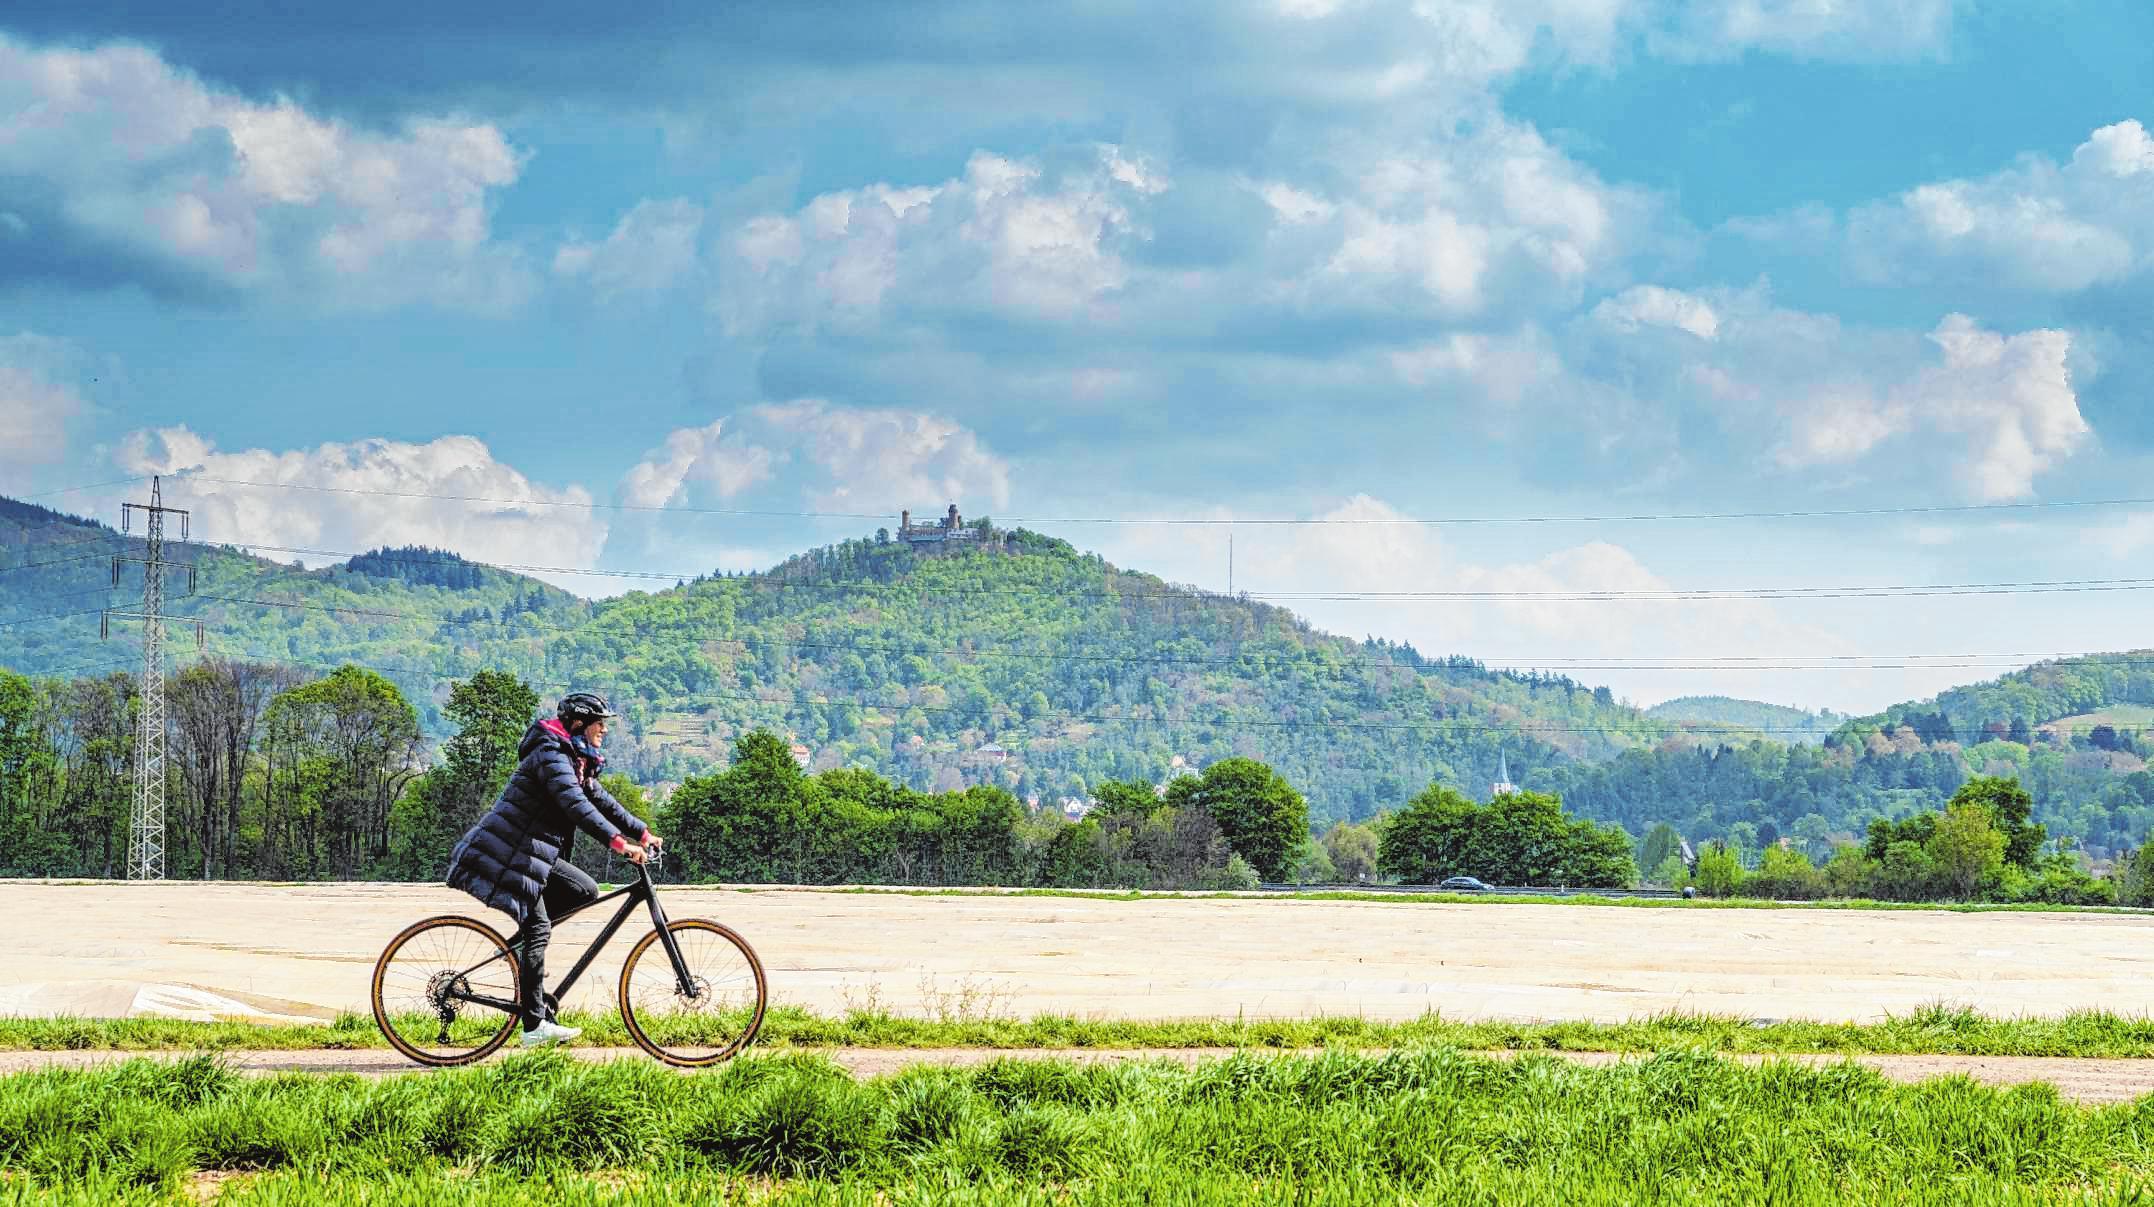 """Die Bergstraße immer im Blick: Wer auf dem Radweg """"Bergstraße naturnah"""" unterwegs ist, bekommt viel Panorama geboten. Bild: Thomas Neu"""